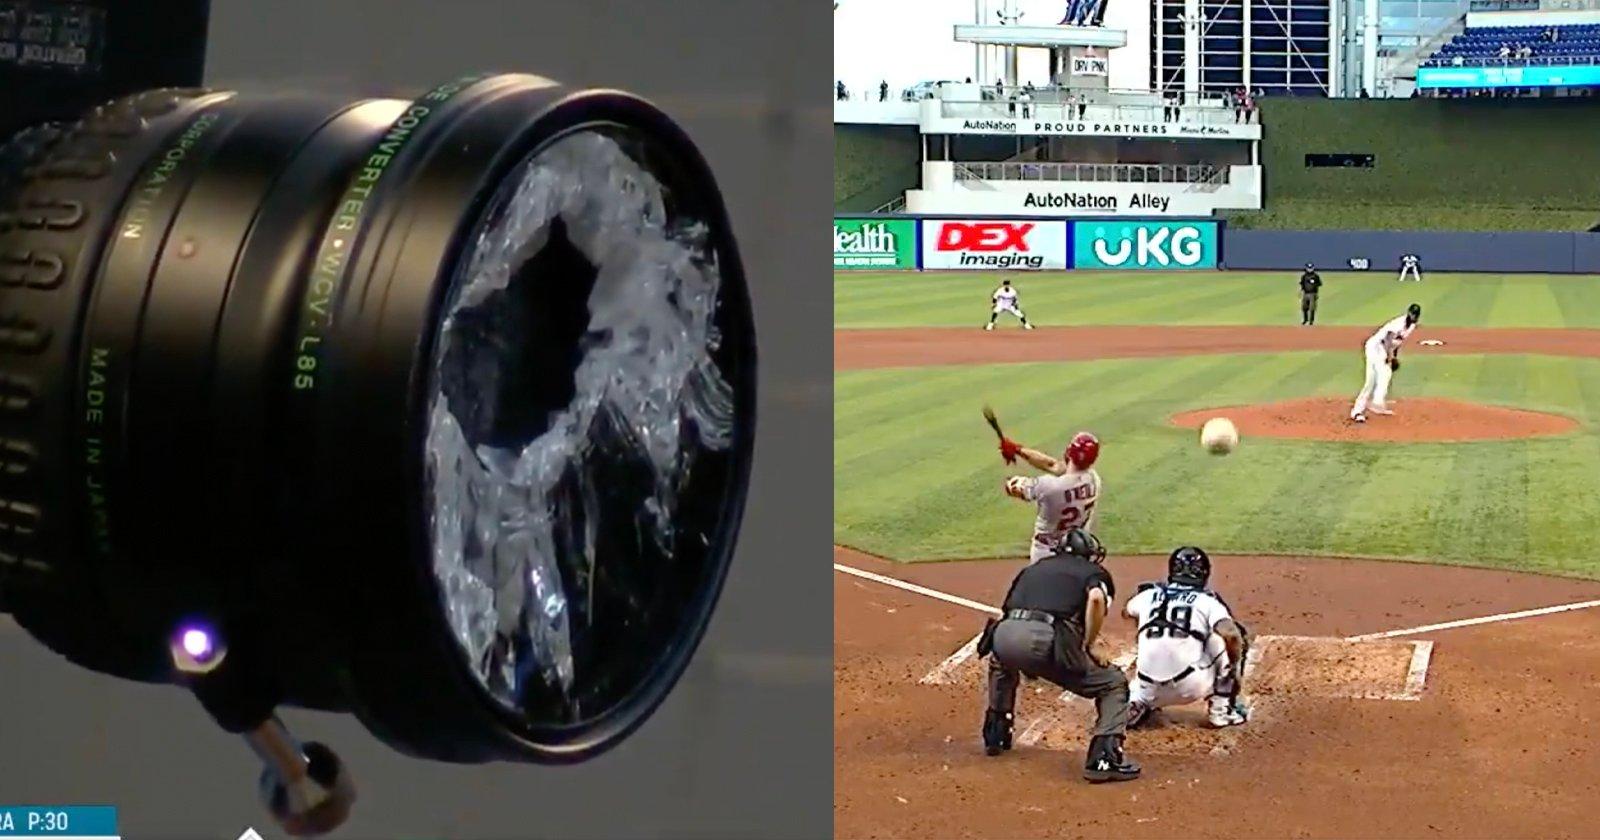 Guarda un giocatore della Major League Baseball frantumare una lente con una palla sbagliata